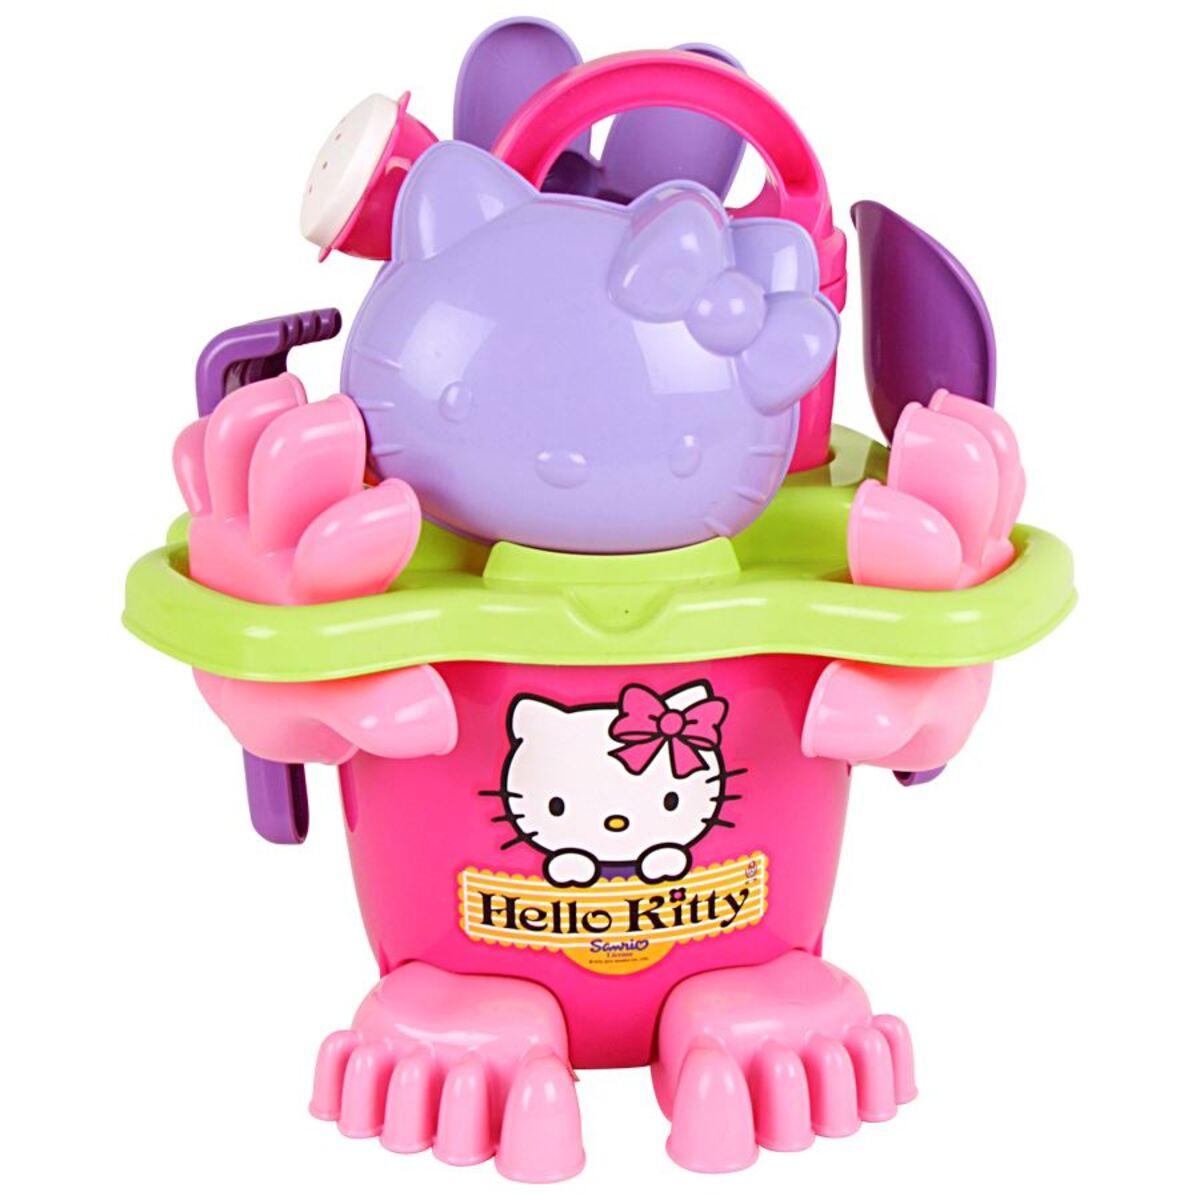 Bild 1 von Hello Kitty Eimergarnitur 11-teilig